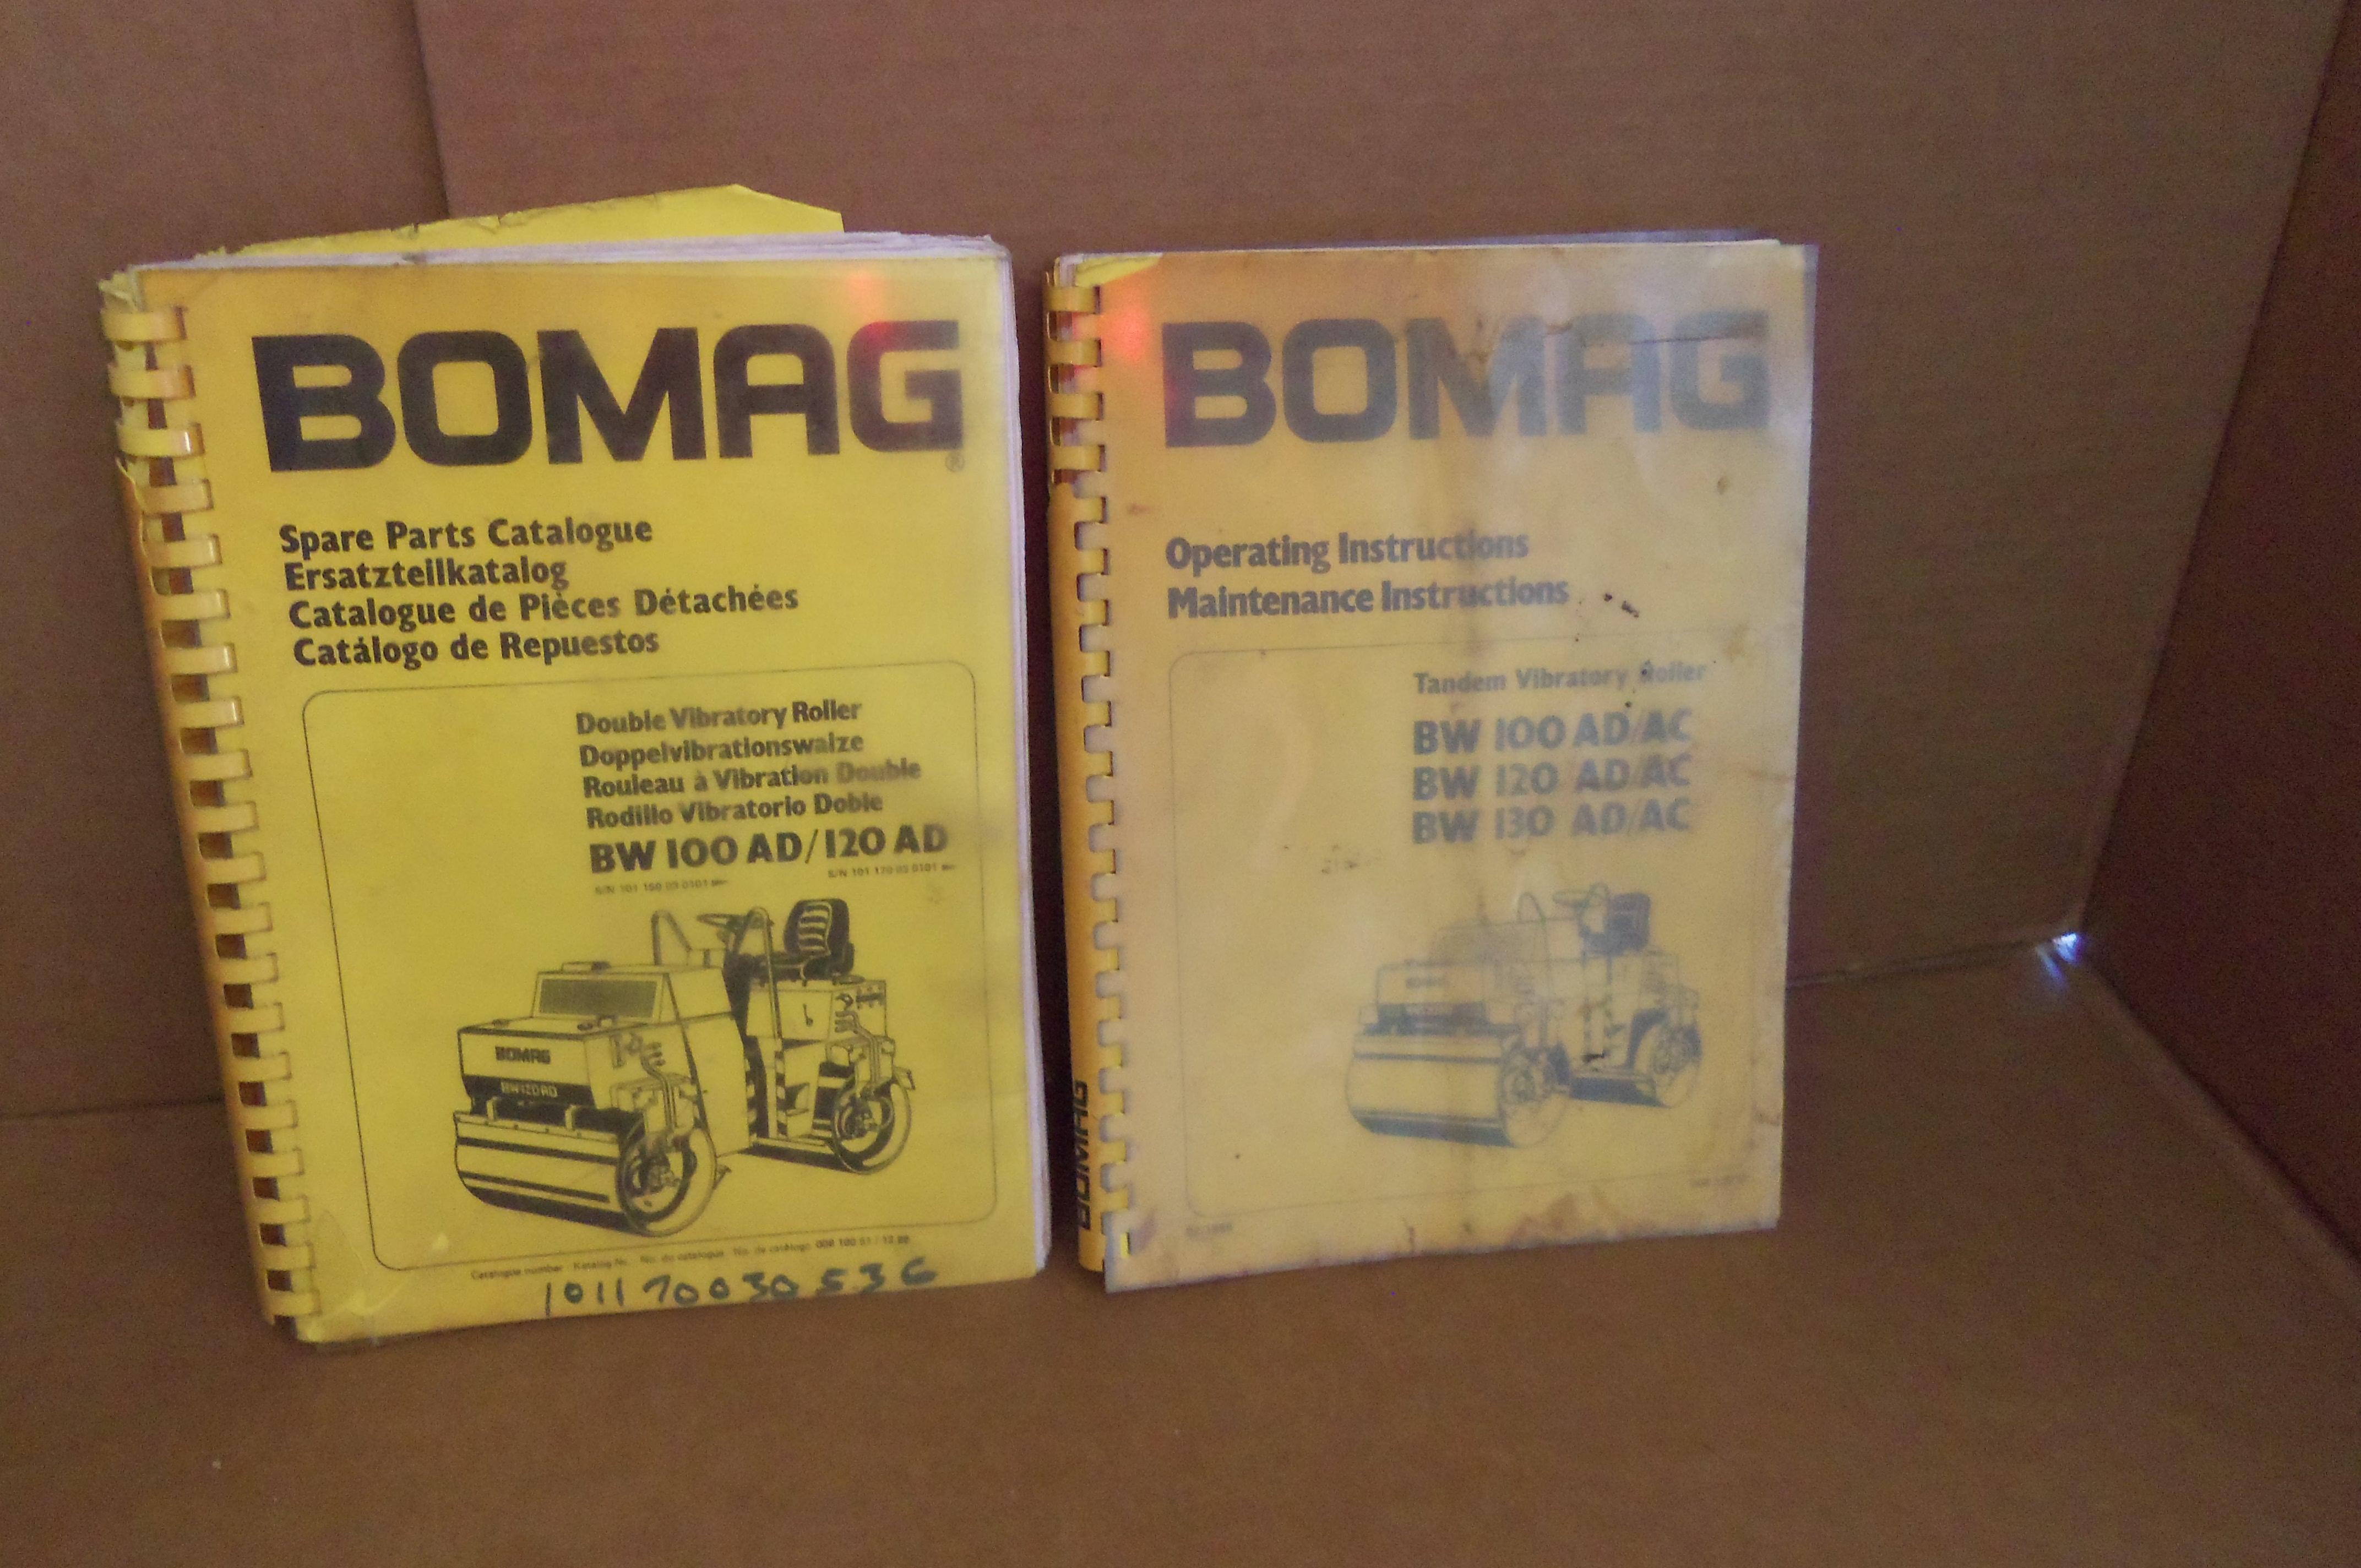 bomag bw 120 ad 3 manual